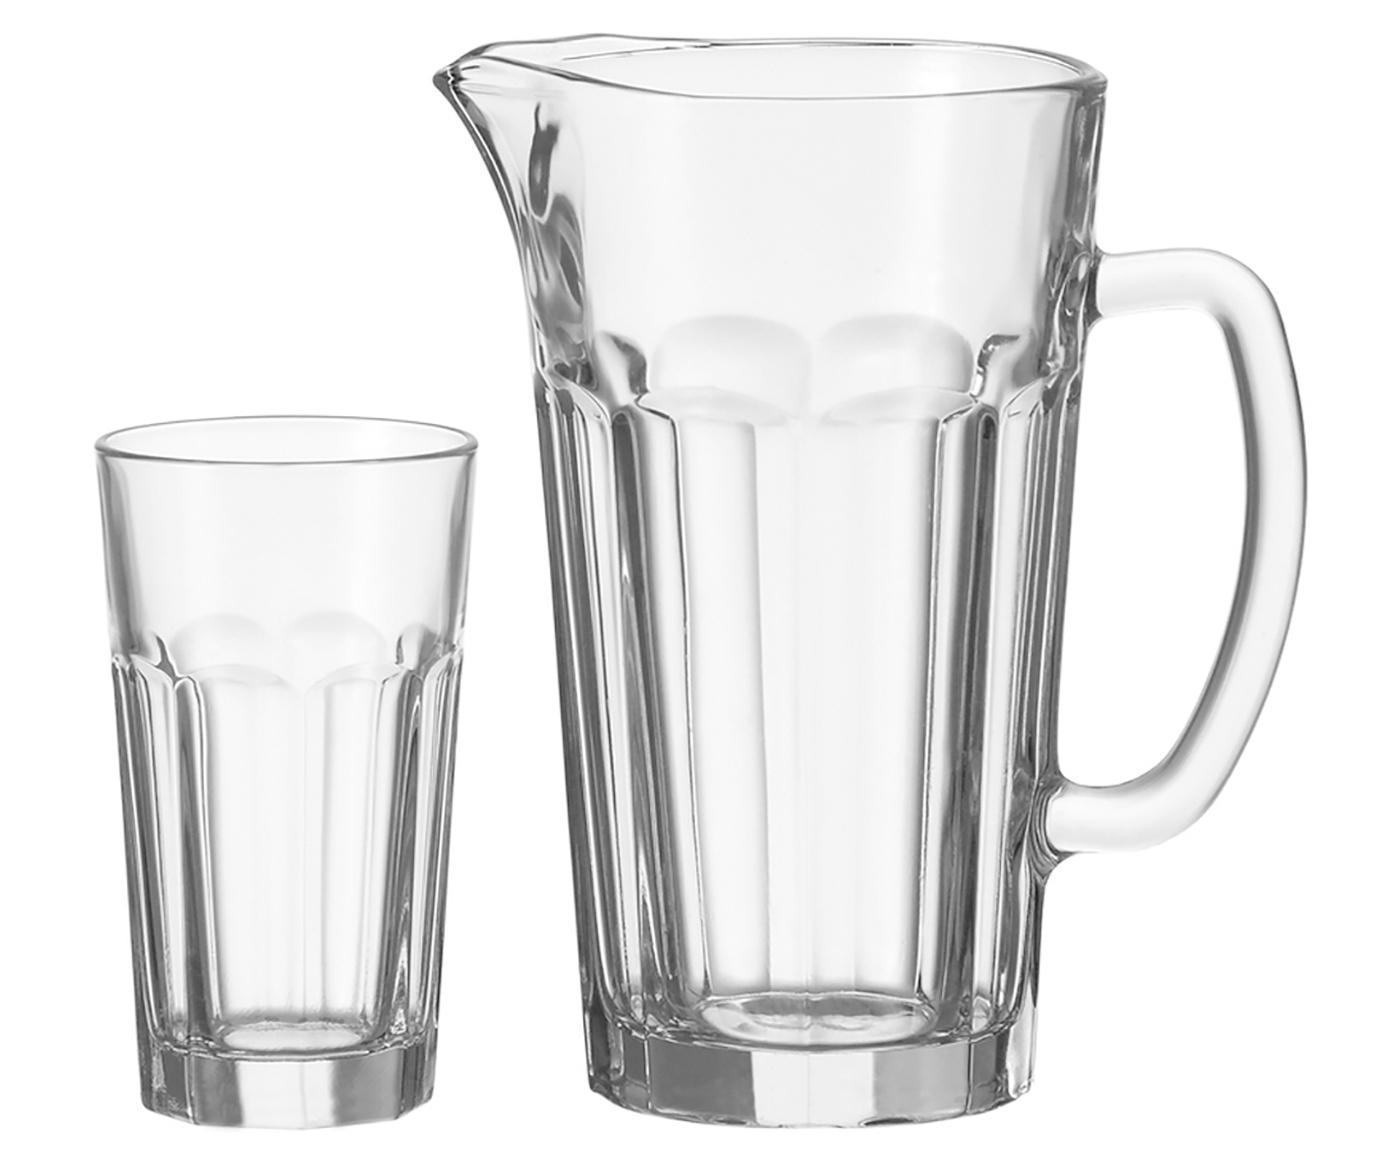 Brocca Rock con bicchieri, 7pz., Vetro, Trasparente, Diverse dimensioni